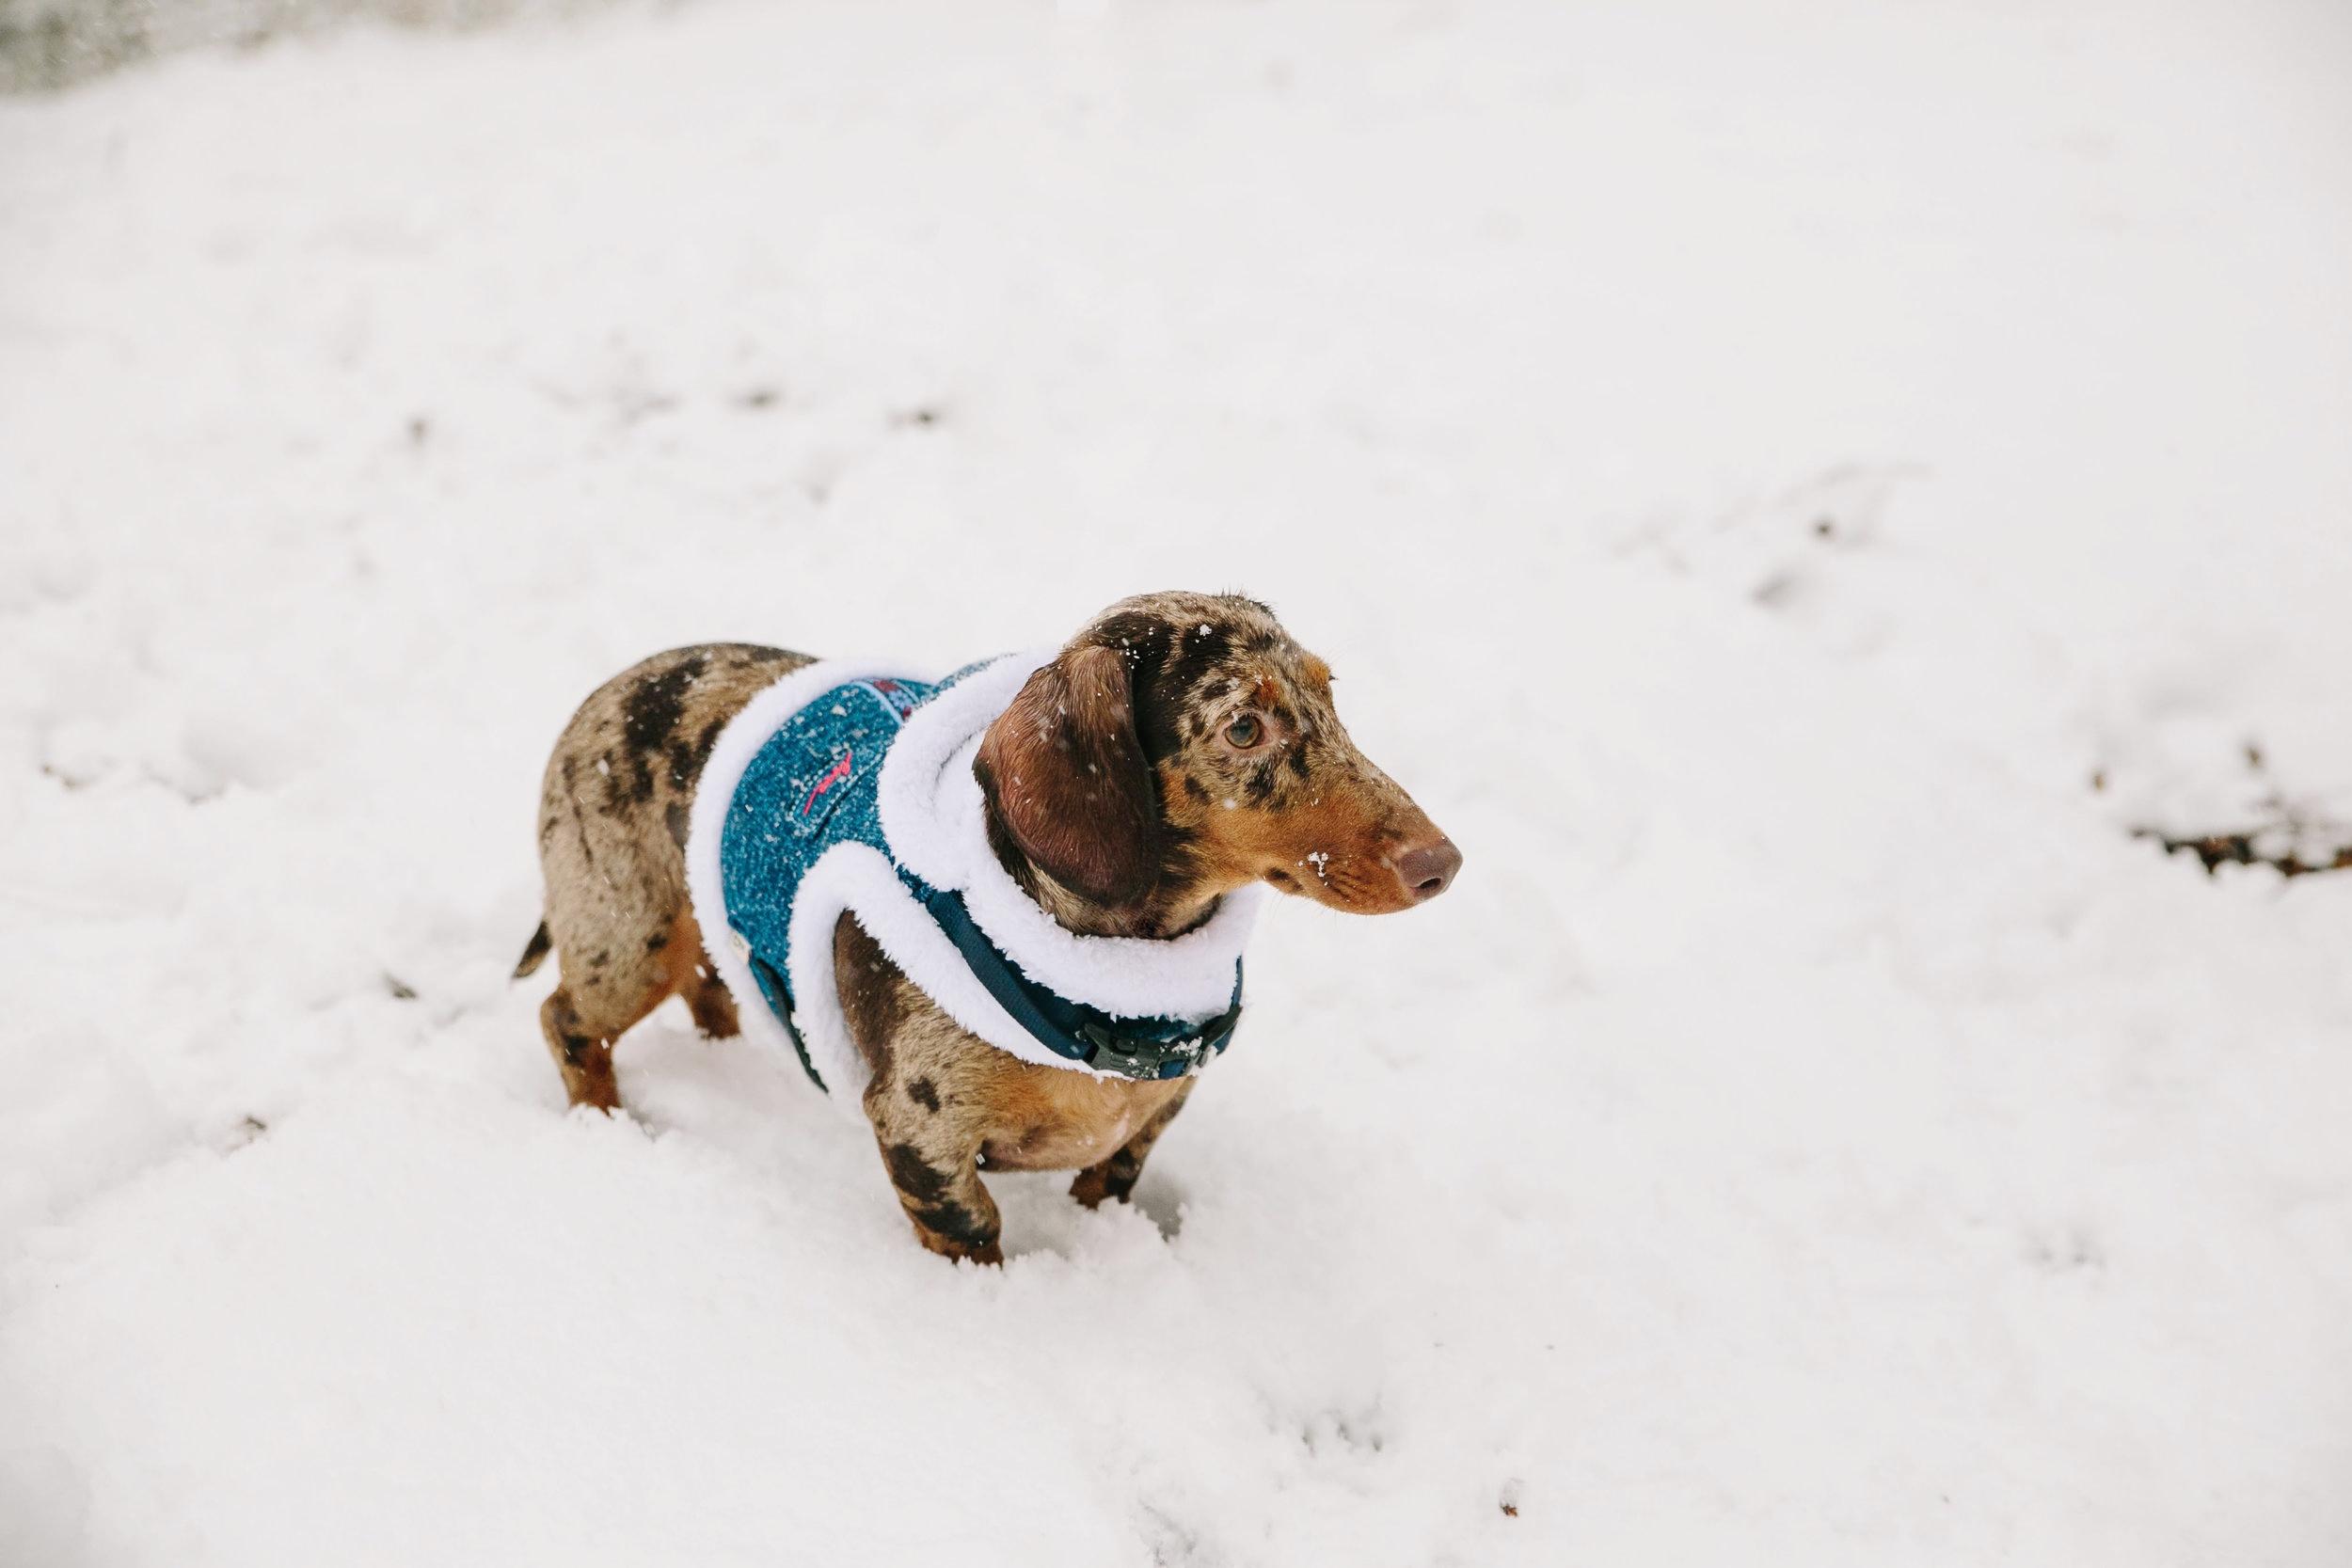 Dave in the snow in Riverside Park